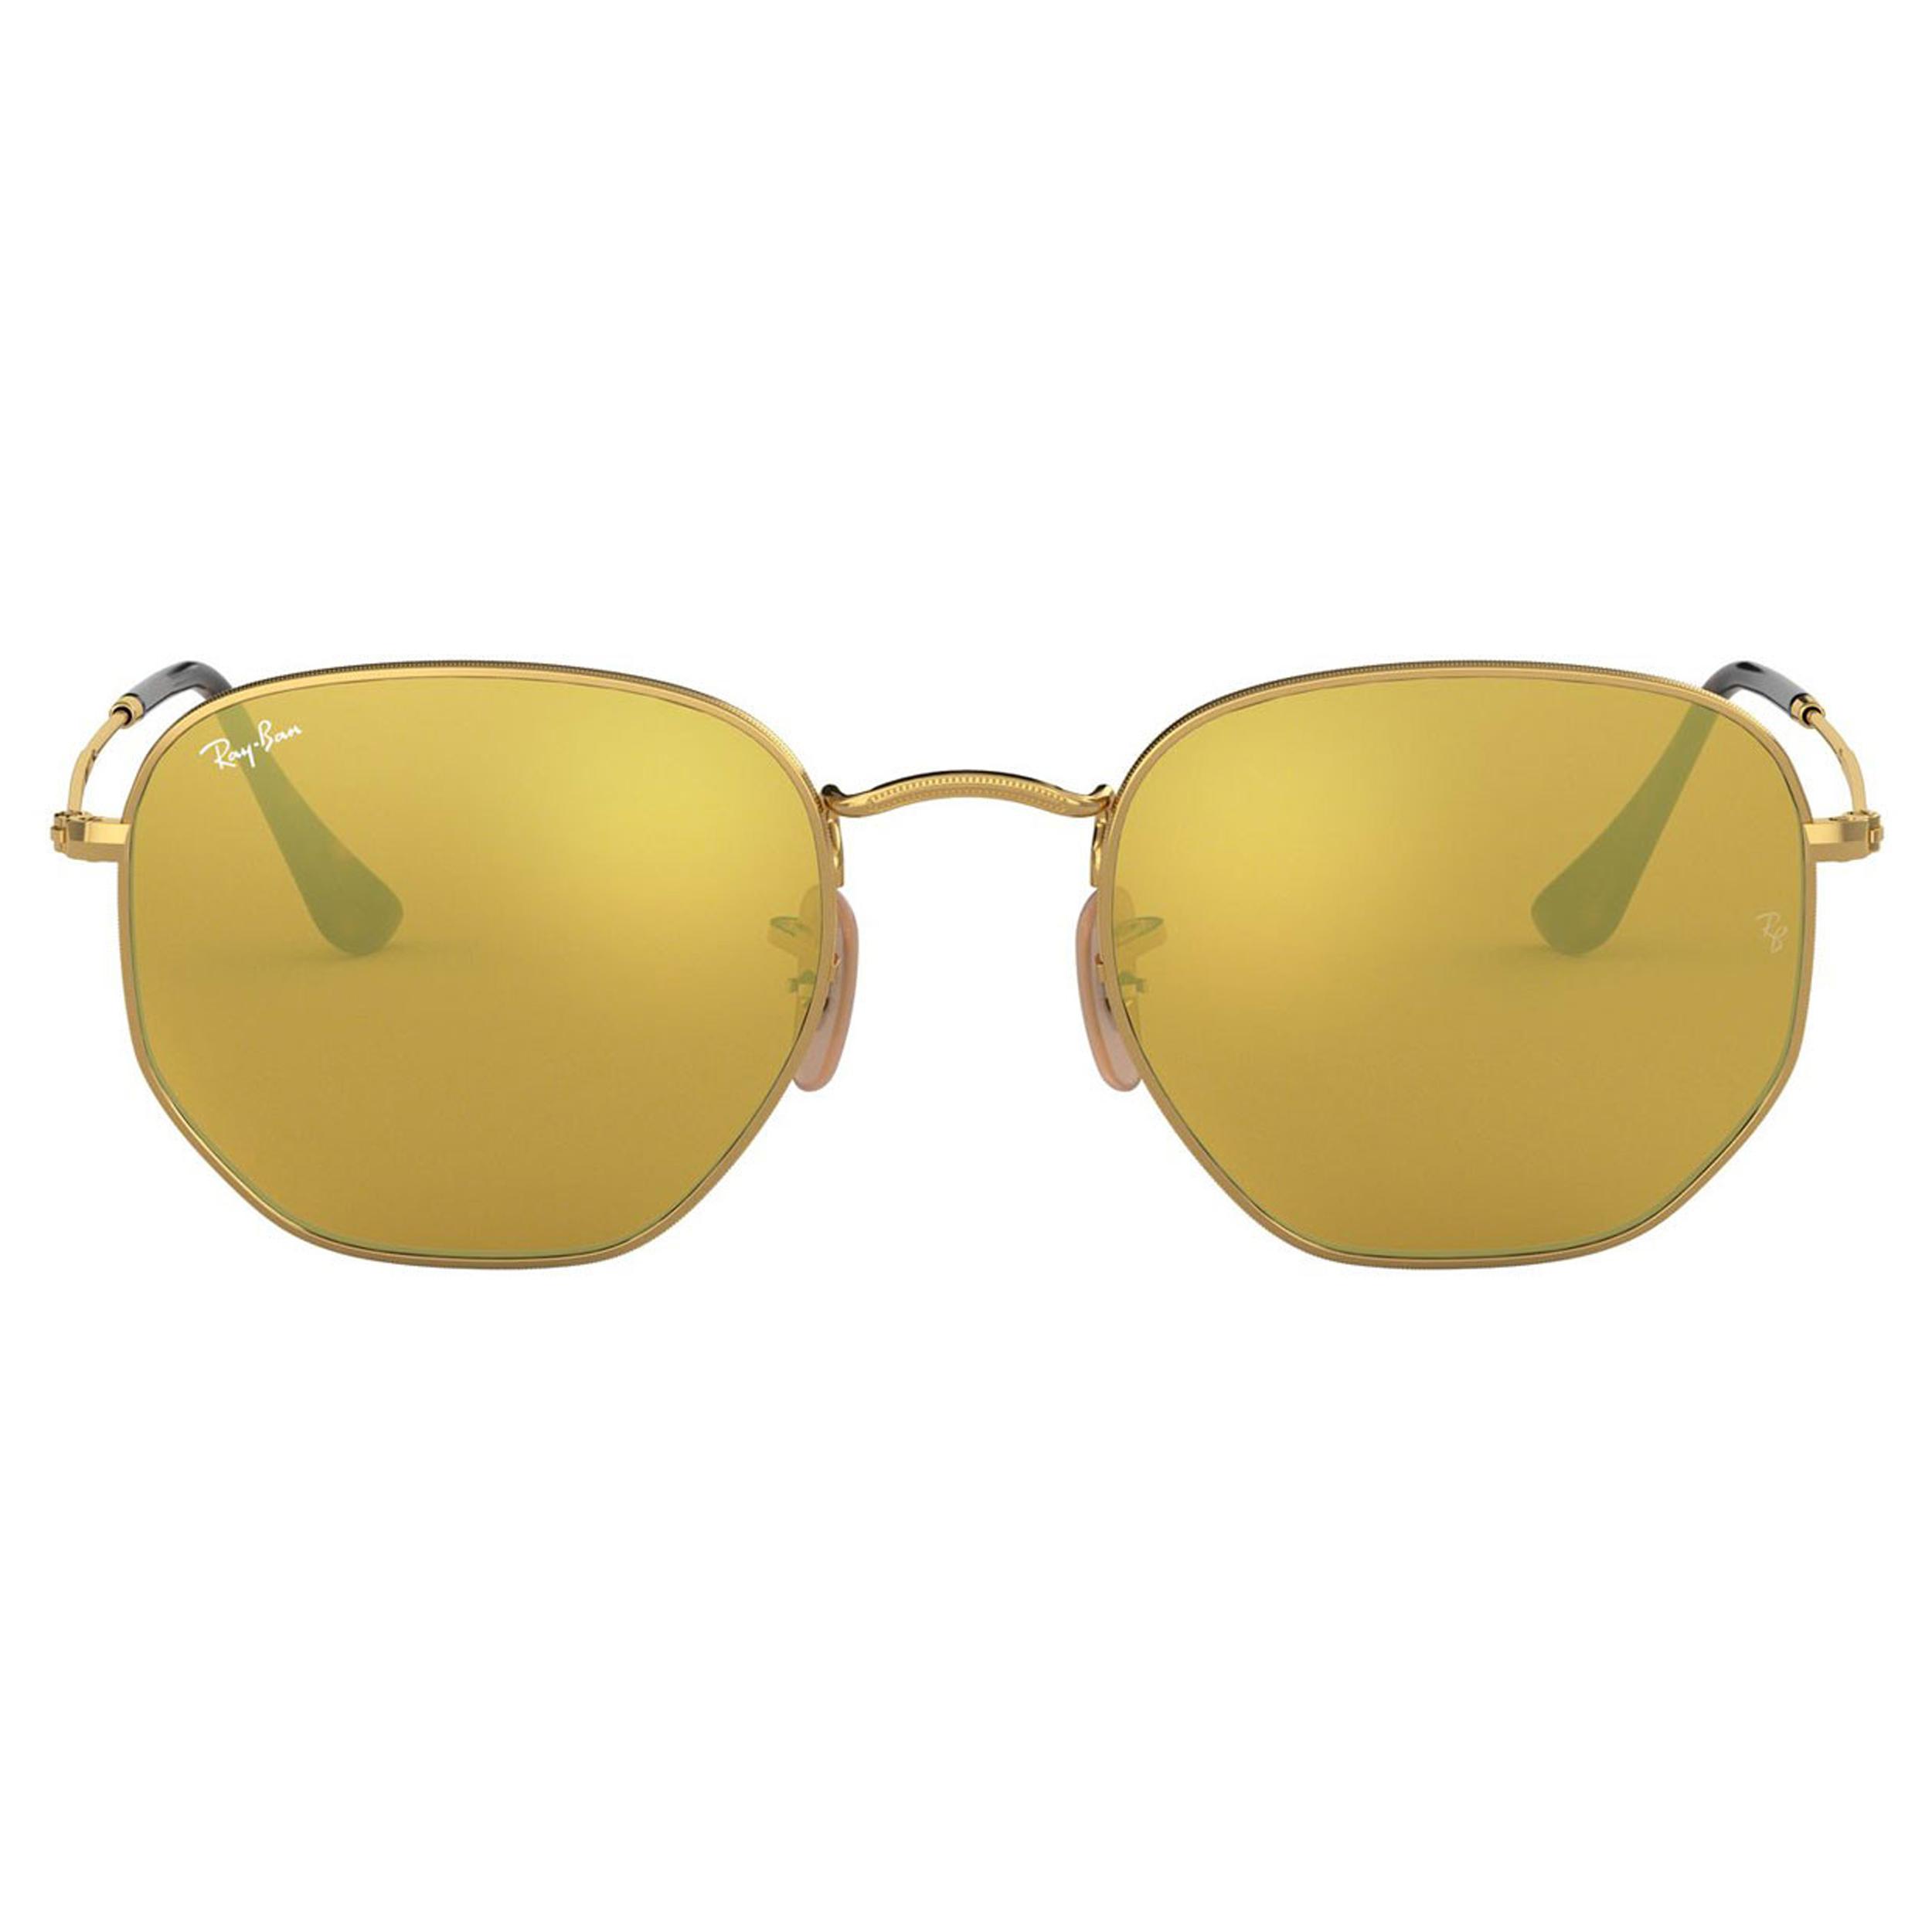 عینک آفتابی ری بن مدل 3548-001/93-51